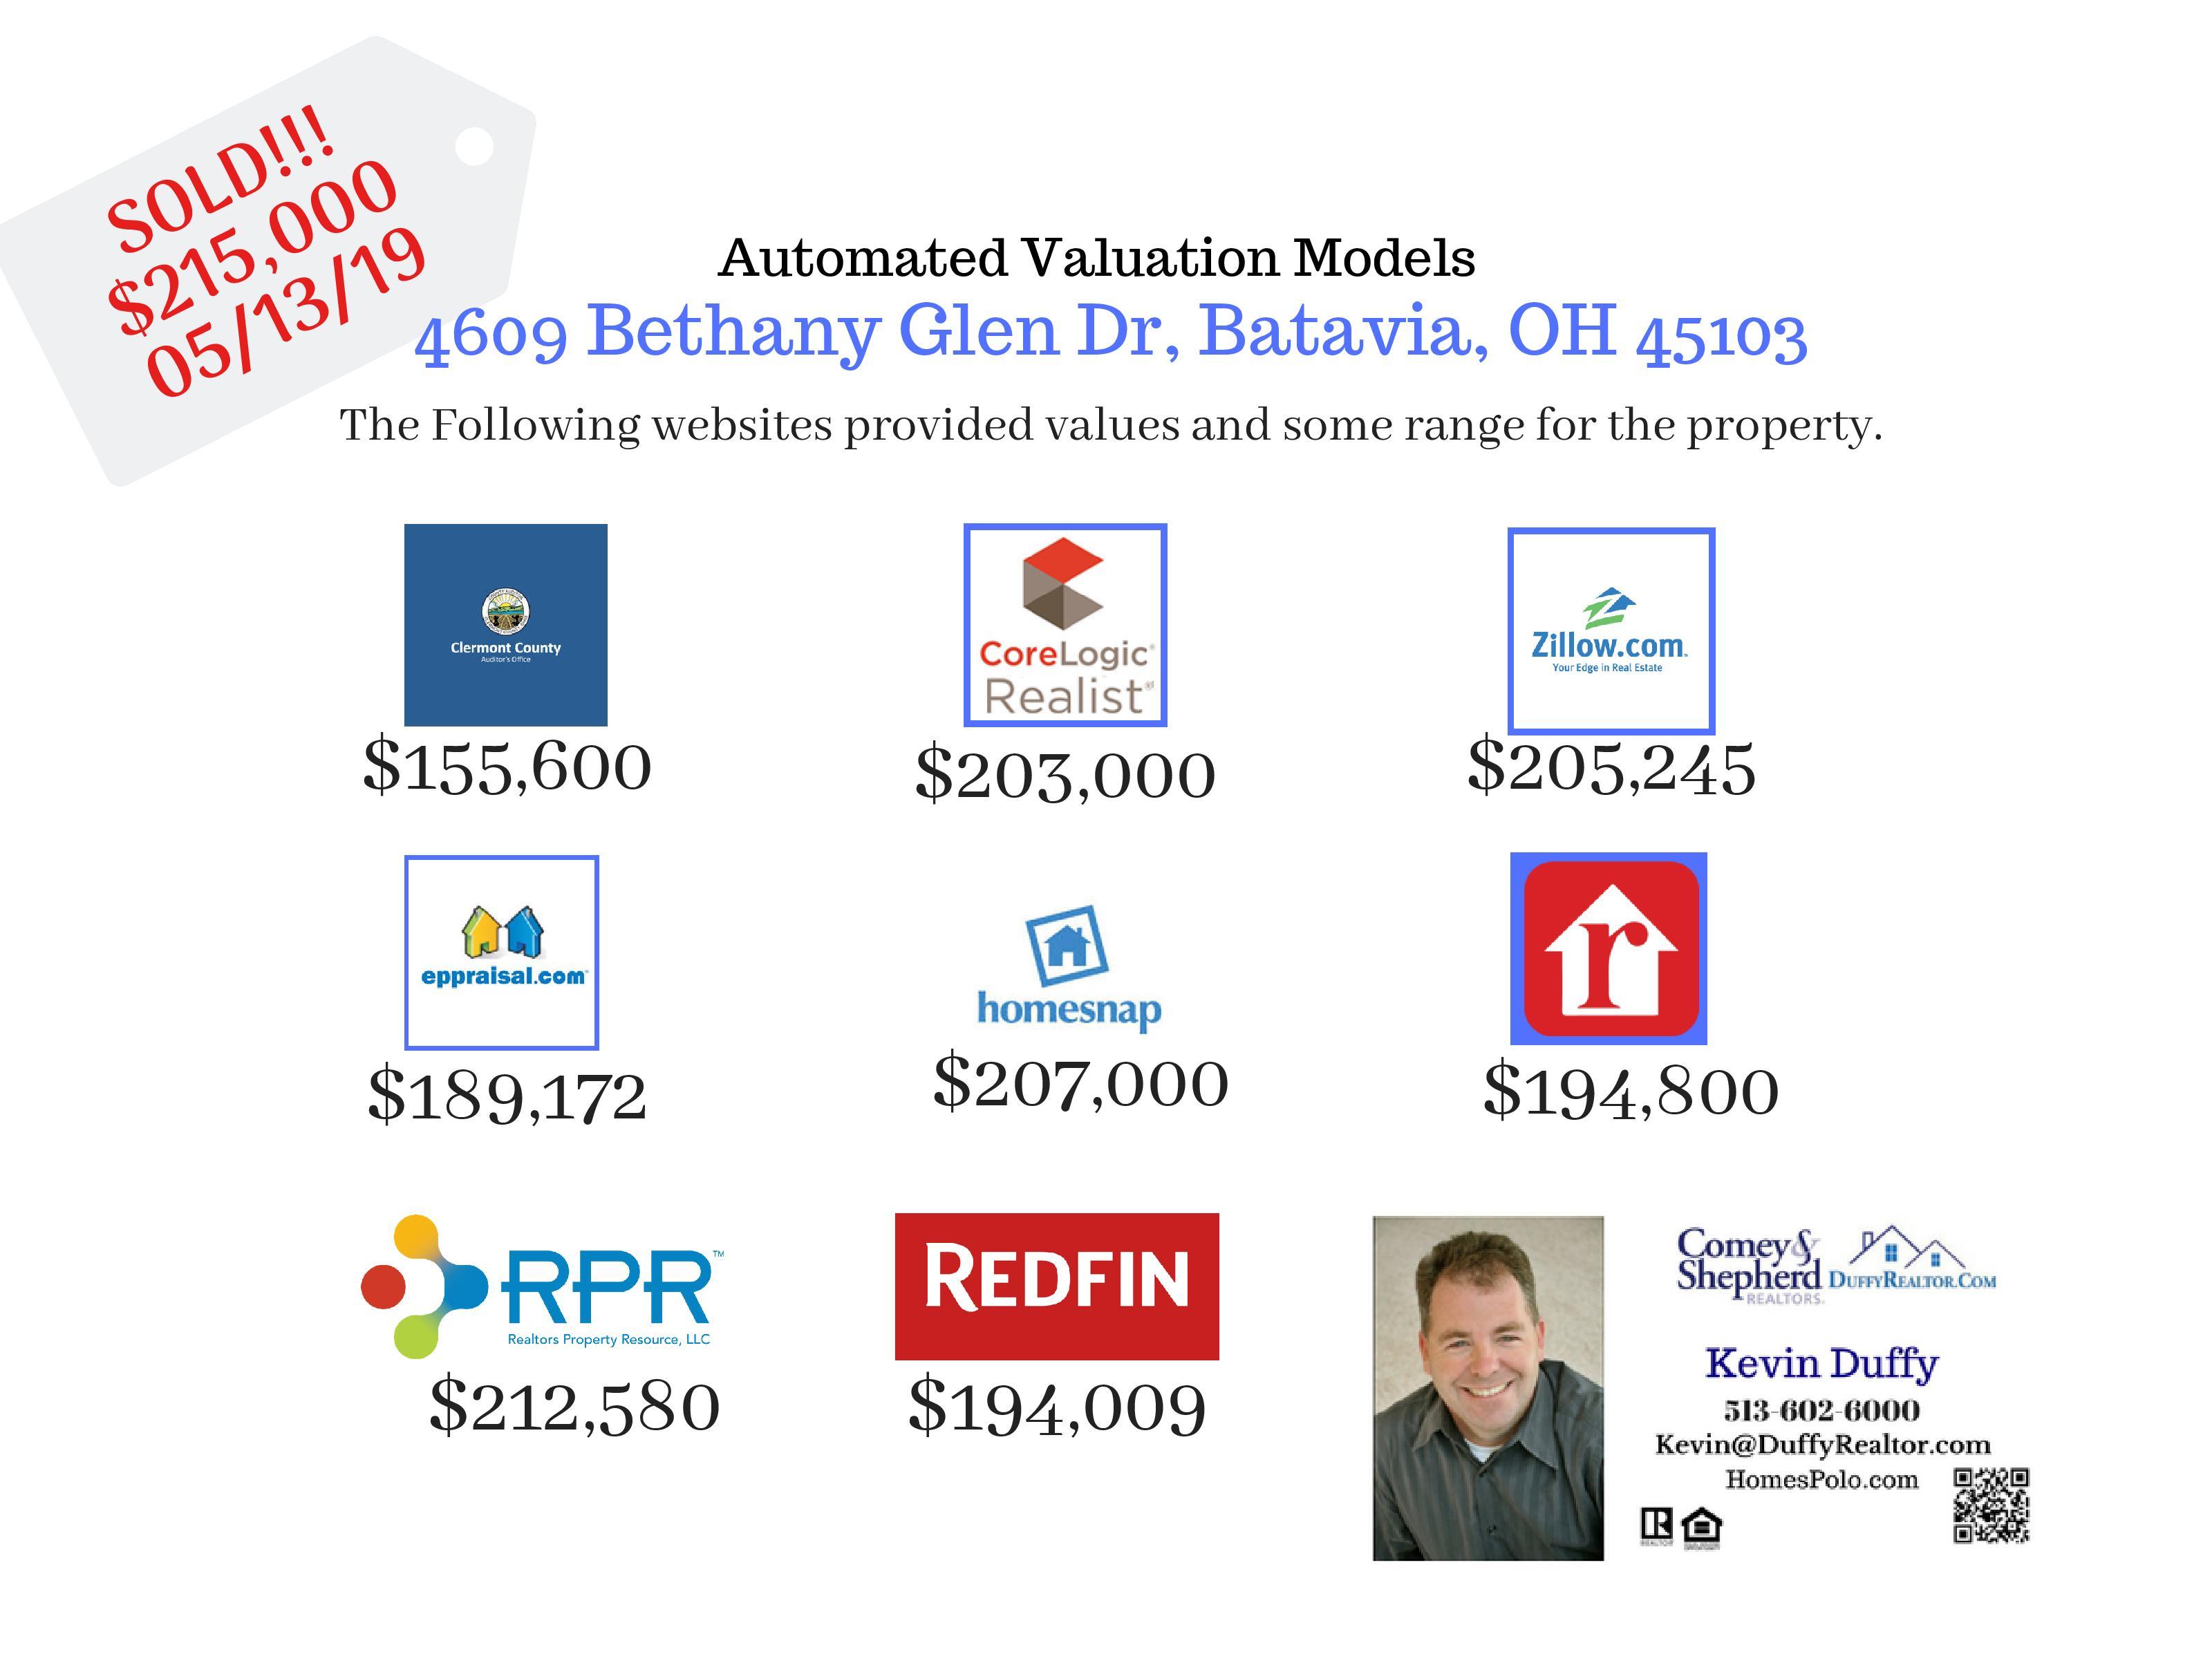 4609 Bethany Glen Dr